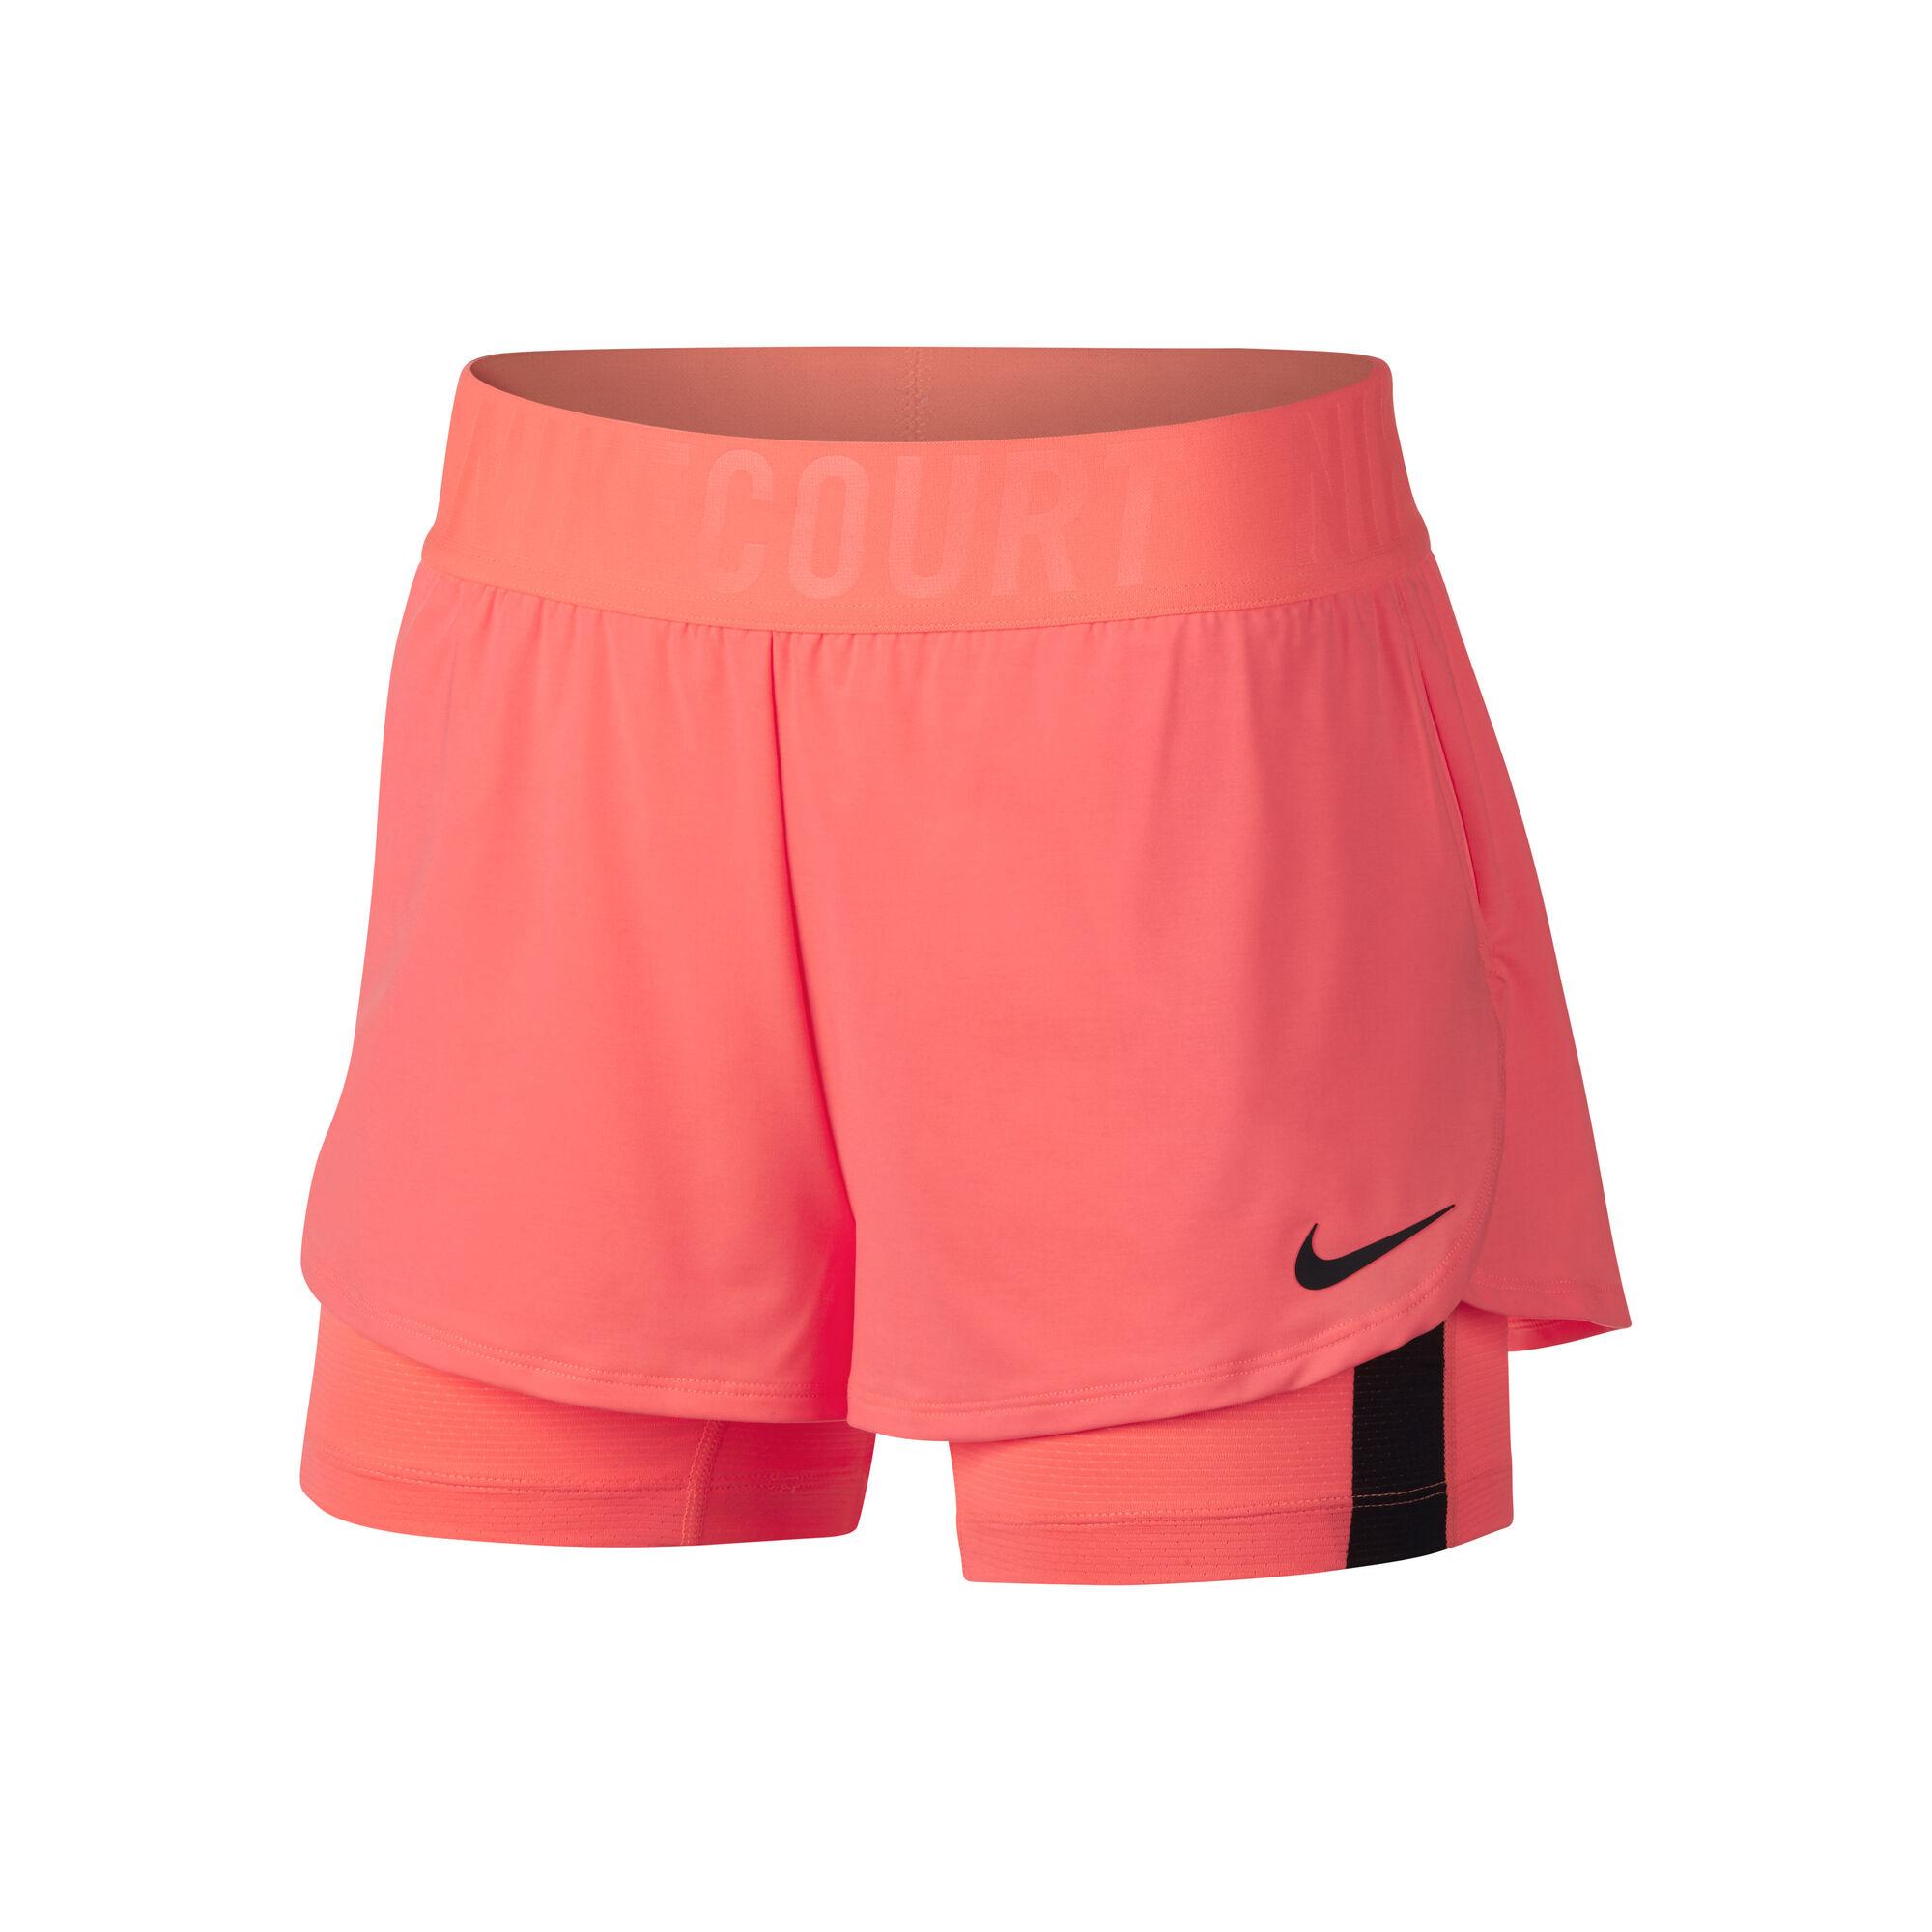 5a96ddc0b55 Nike Court Dry Ace Šortky Dámy - Korálová